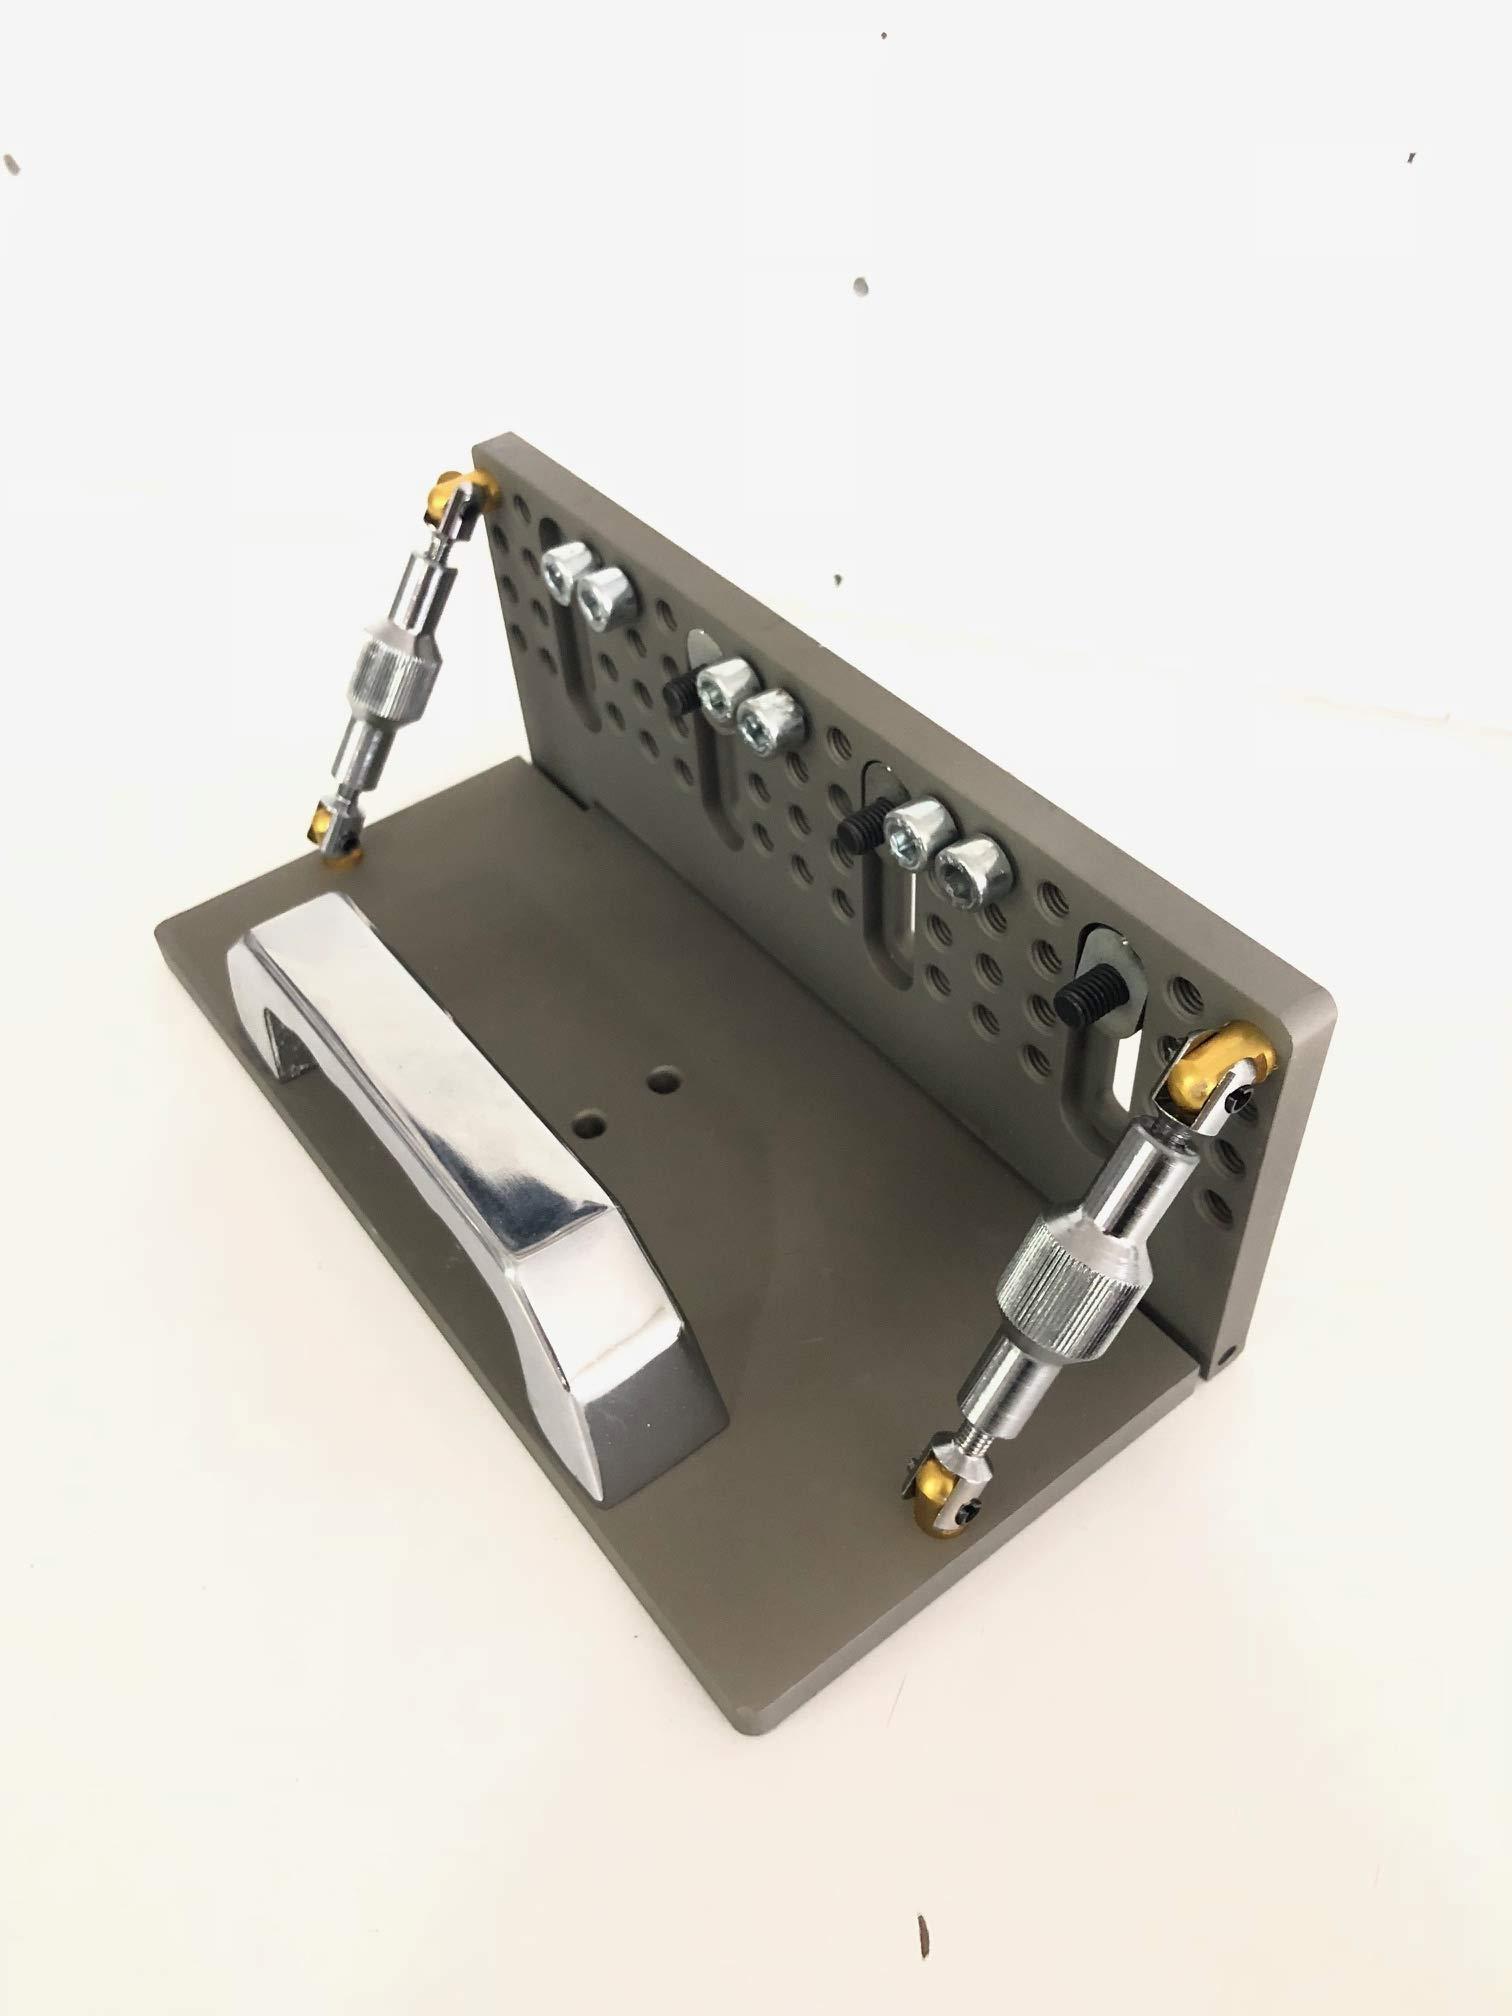 TR Maker Belt Grinder Professional Knife Jig, Knife Sharpener by TR MAKER